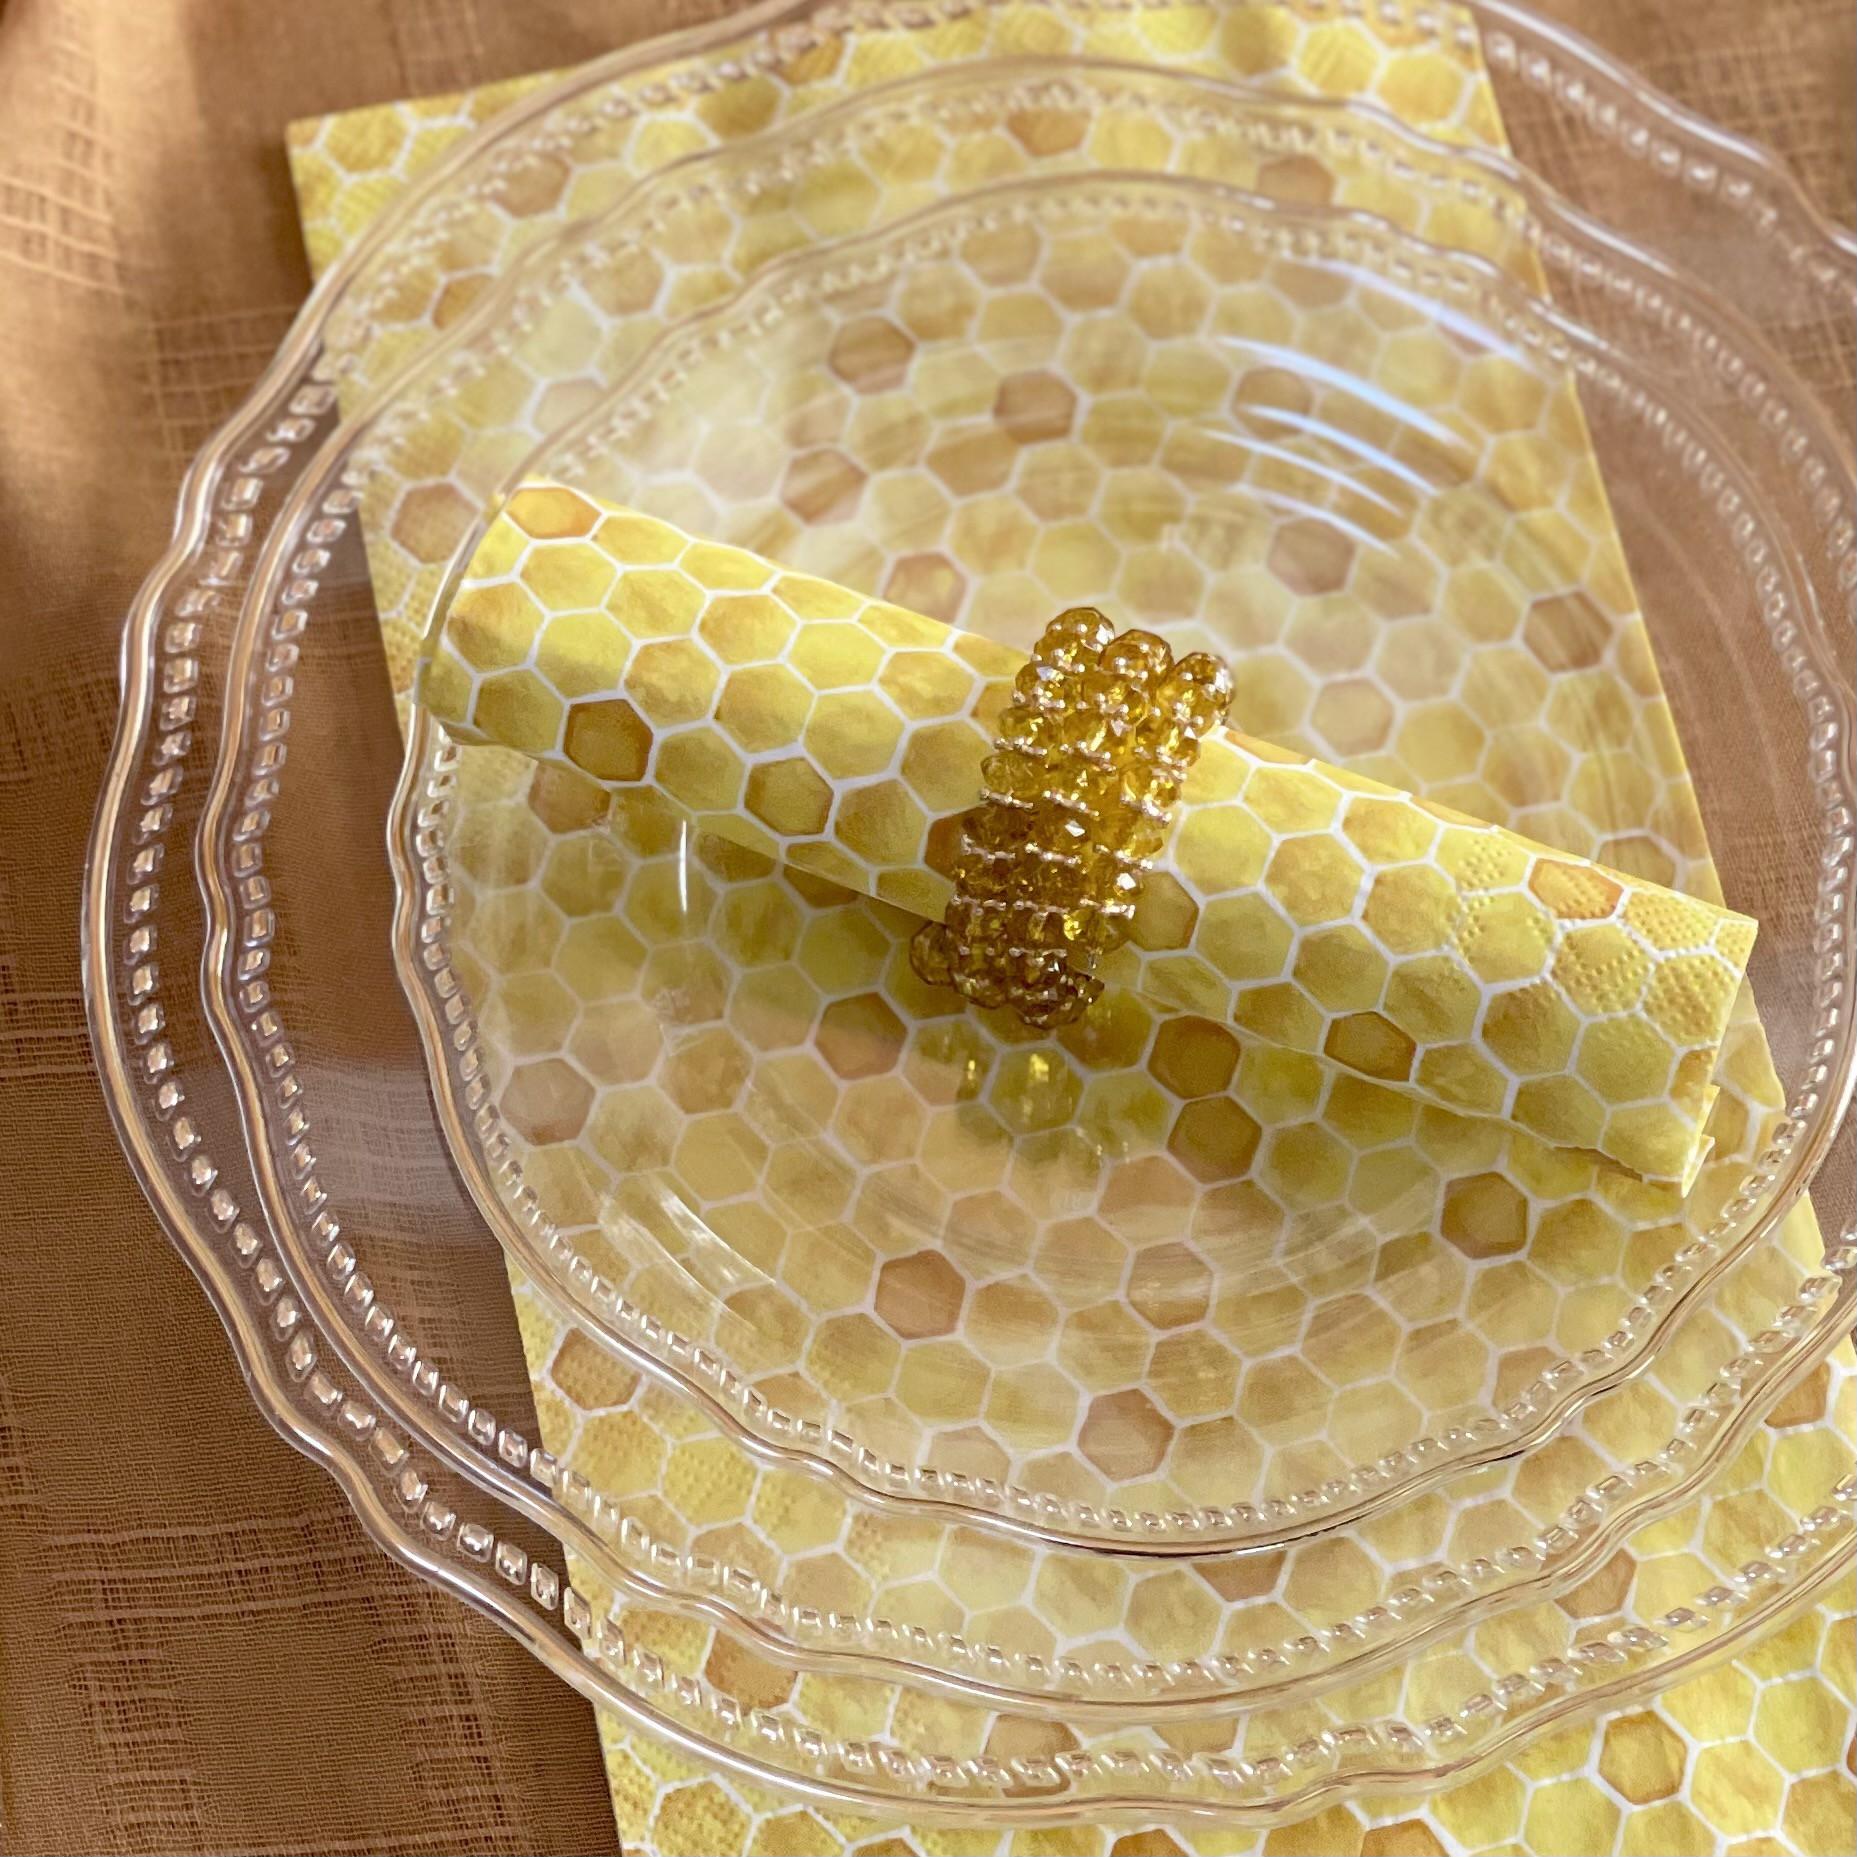 שישה חבקי קפיץ- צבע דבש